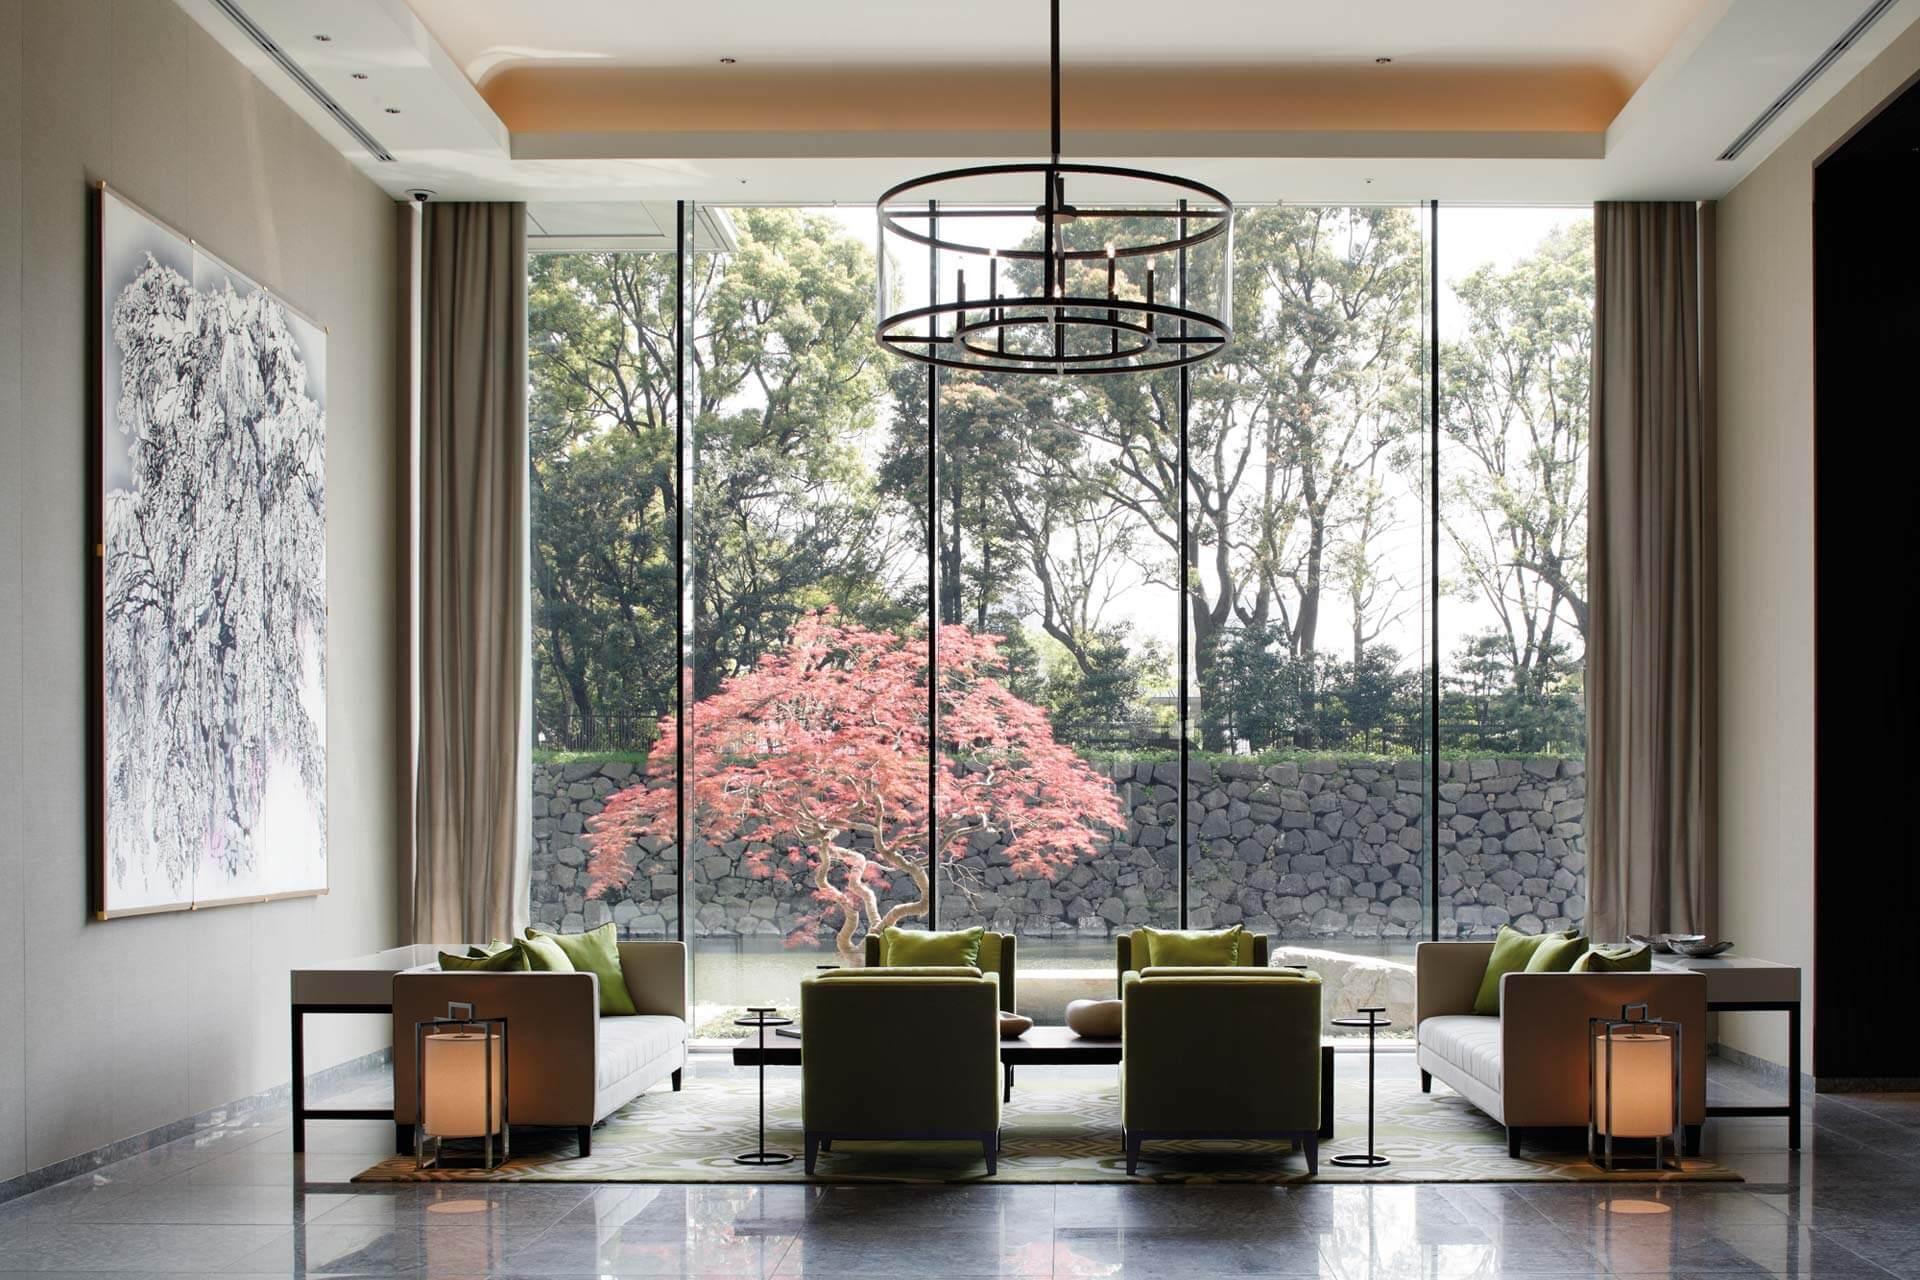 Palace Hotel Tokyo Lobby